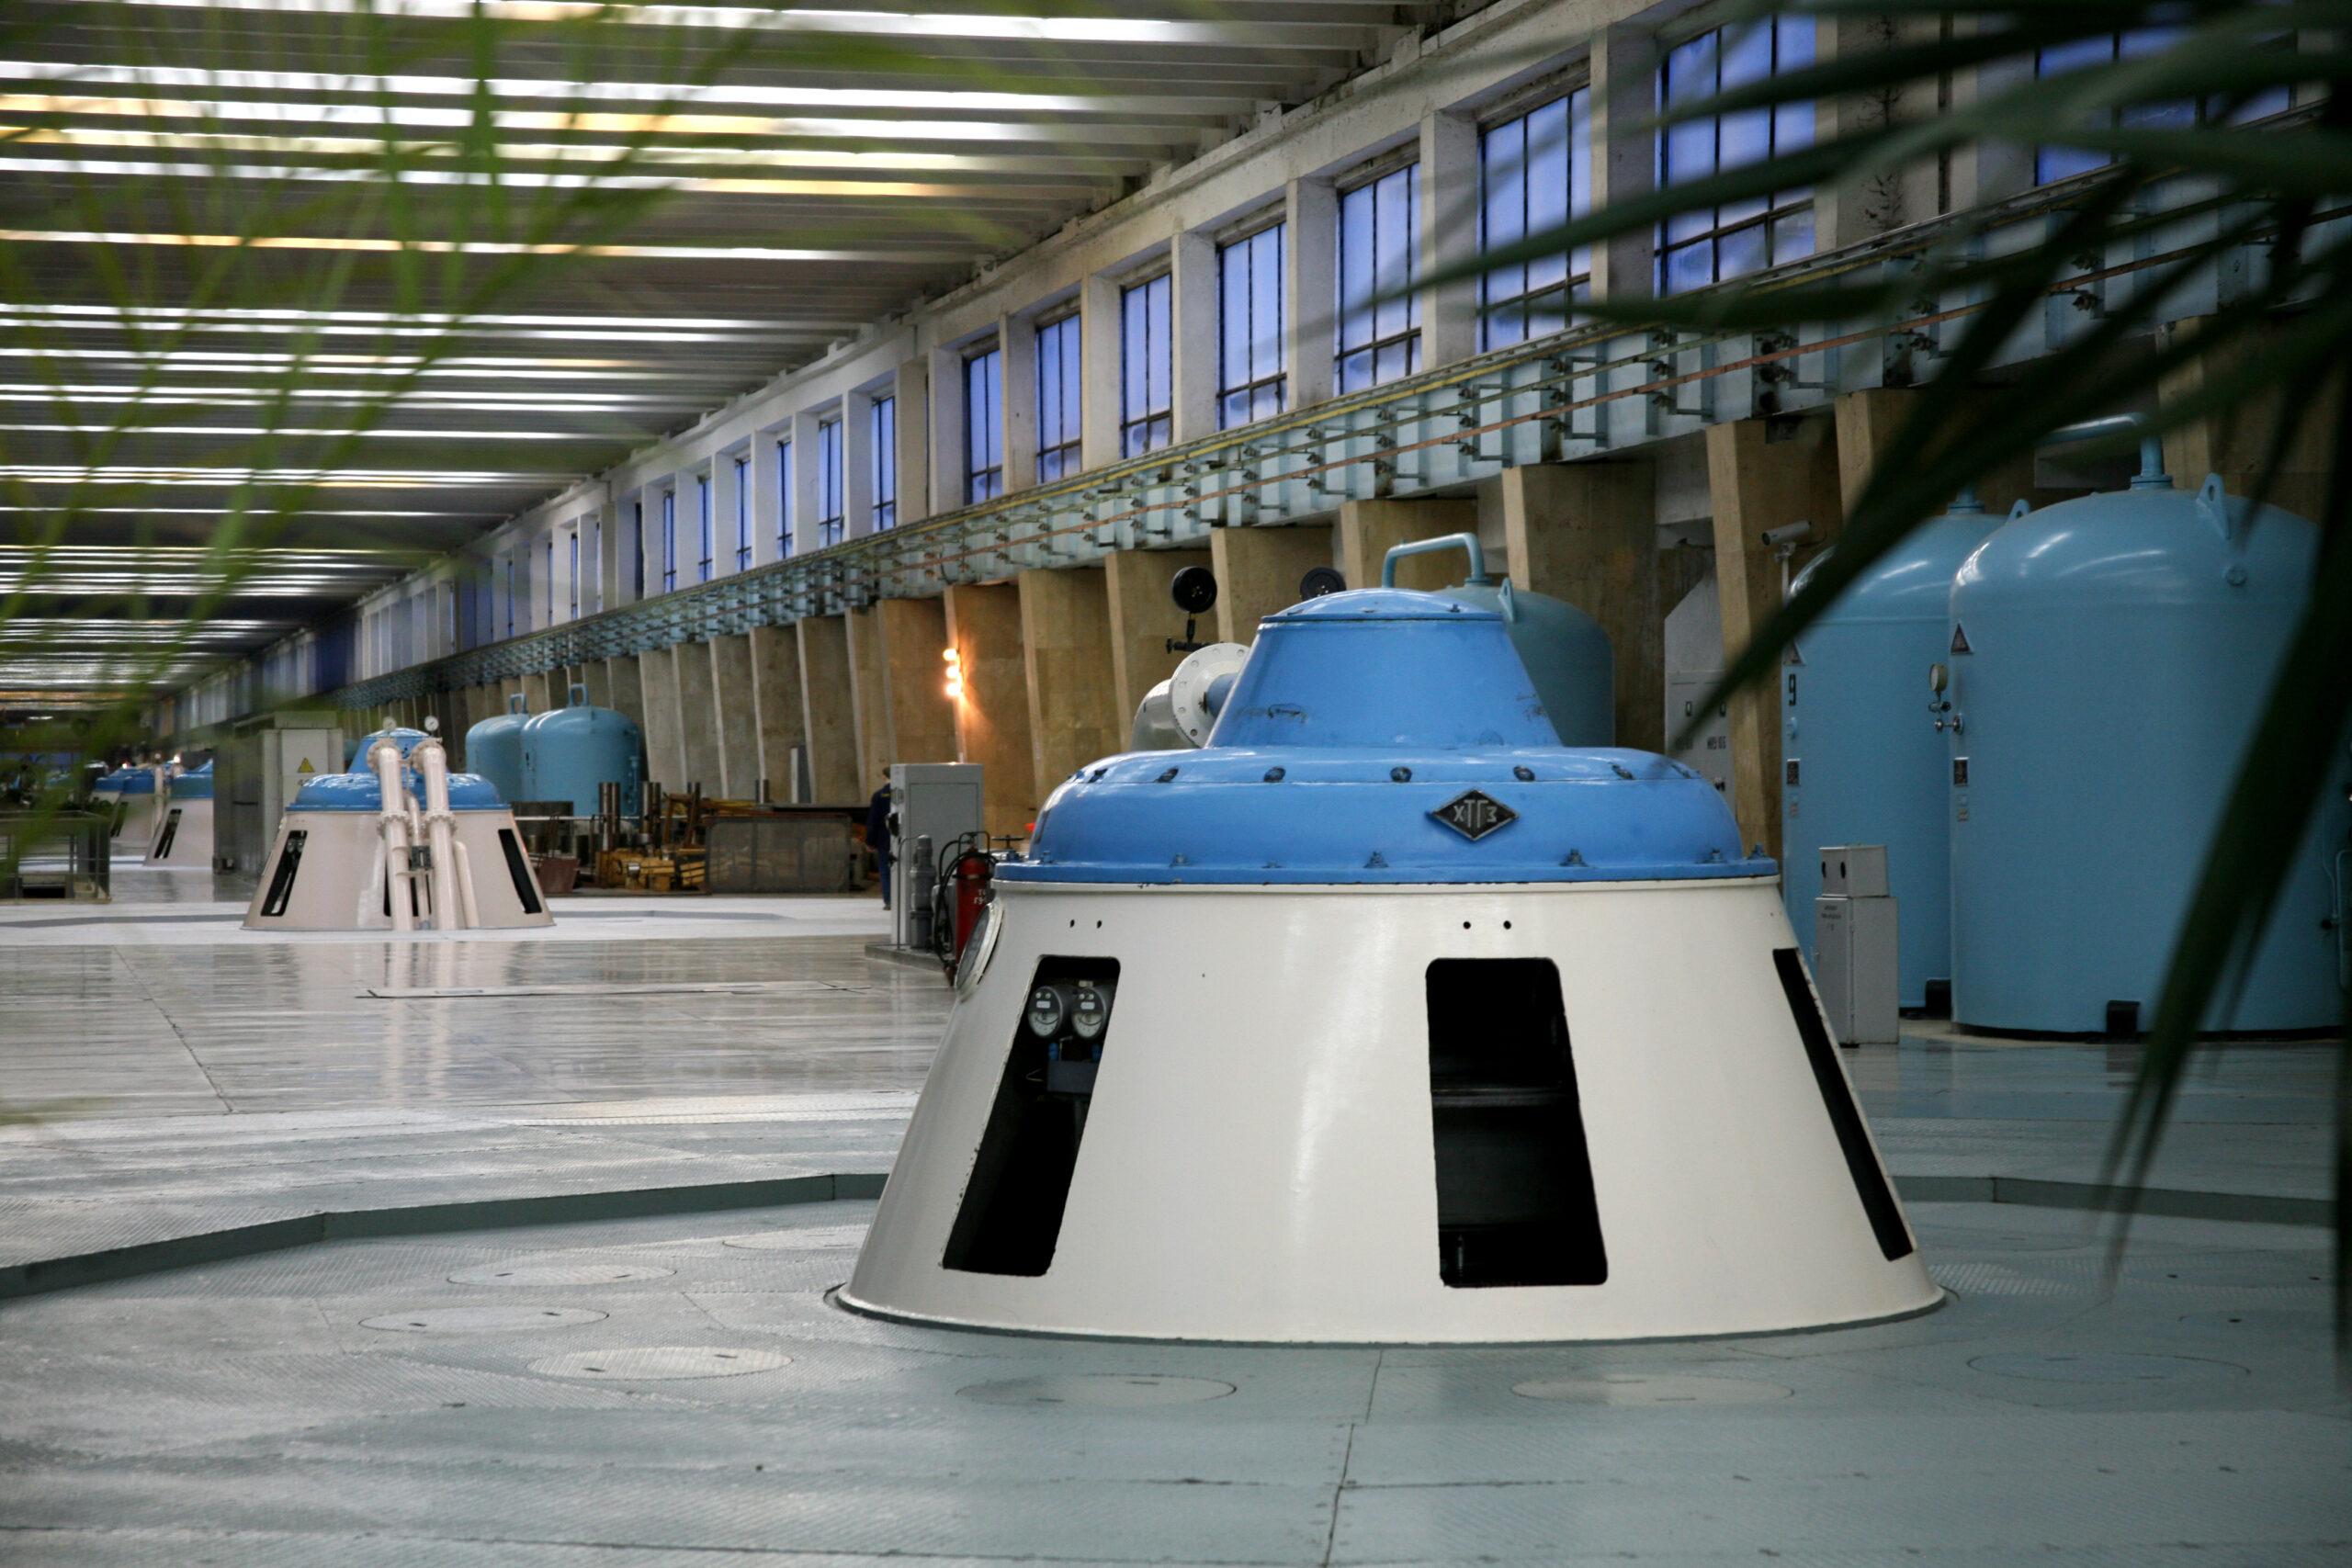 РусГидро обновило очередной гидроагрегат Саратовской ГЭС